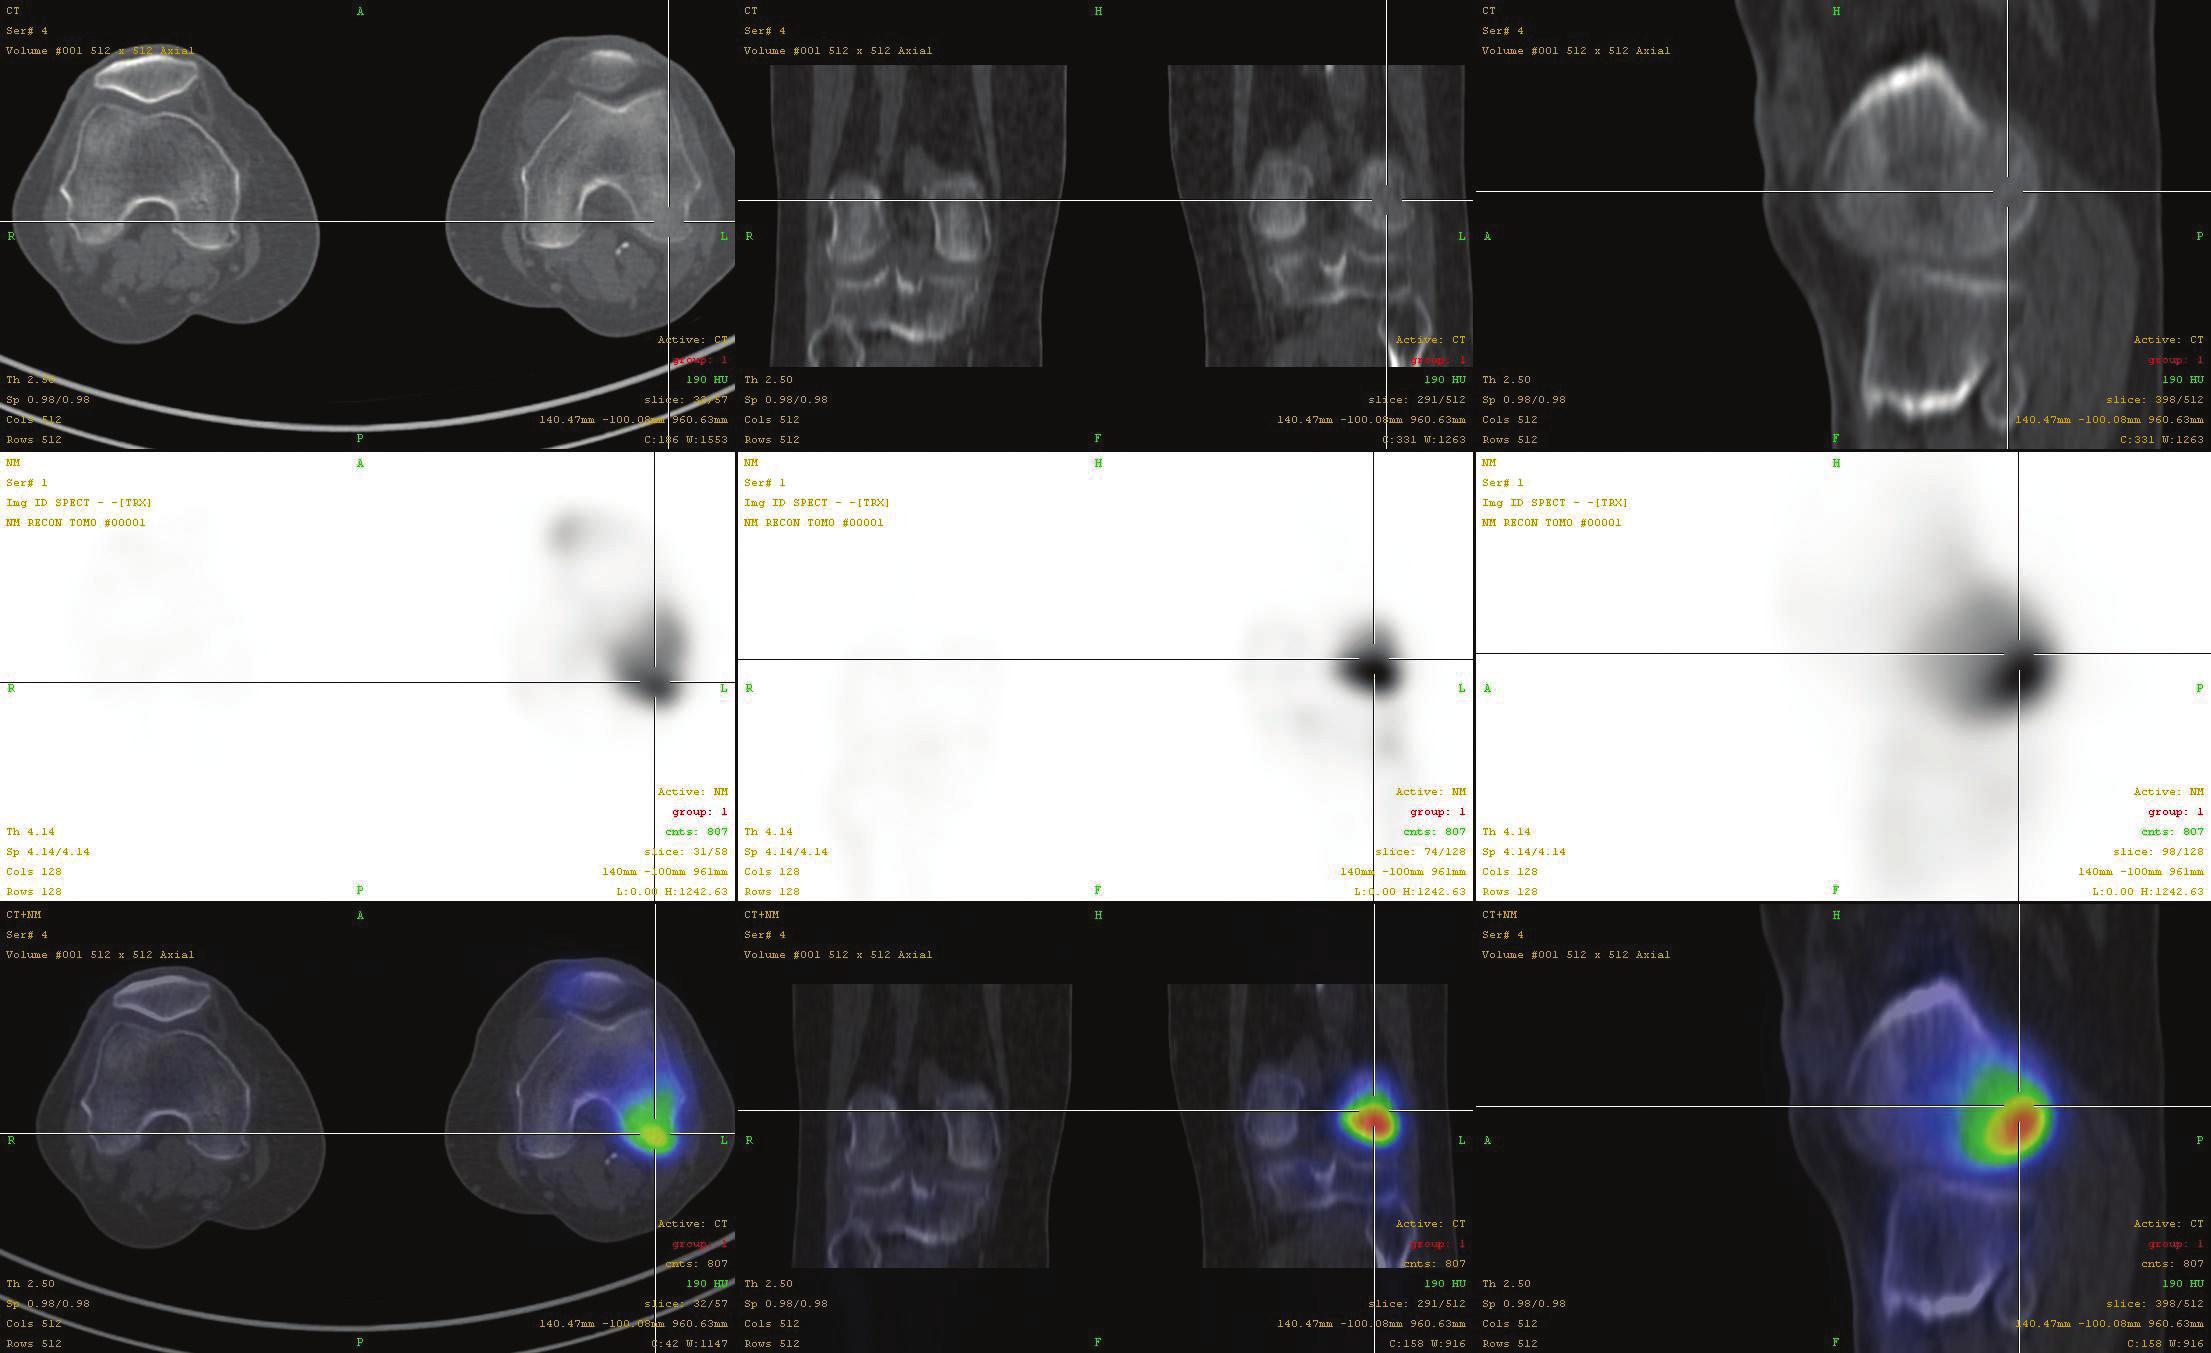 Fúze SPECT/CT obrazu u pacienta s disekující osteochondritidou v méně časté lokalizaci v inferocentrální části laterálního kondylu femuru v časném stádiu I. V horní řadě je obraz z LDCT postupně v transaxiální, koronární a sagitální rovině. Střední řada ukazuje odpovídající SPECT řezy. Dolní řada prezentuje odpovídající fúzované SPECT/CT řezy. Scintigrafický nález je v časném stádiu výrazný, nález na LDCT normální.